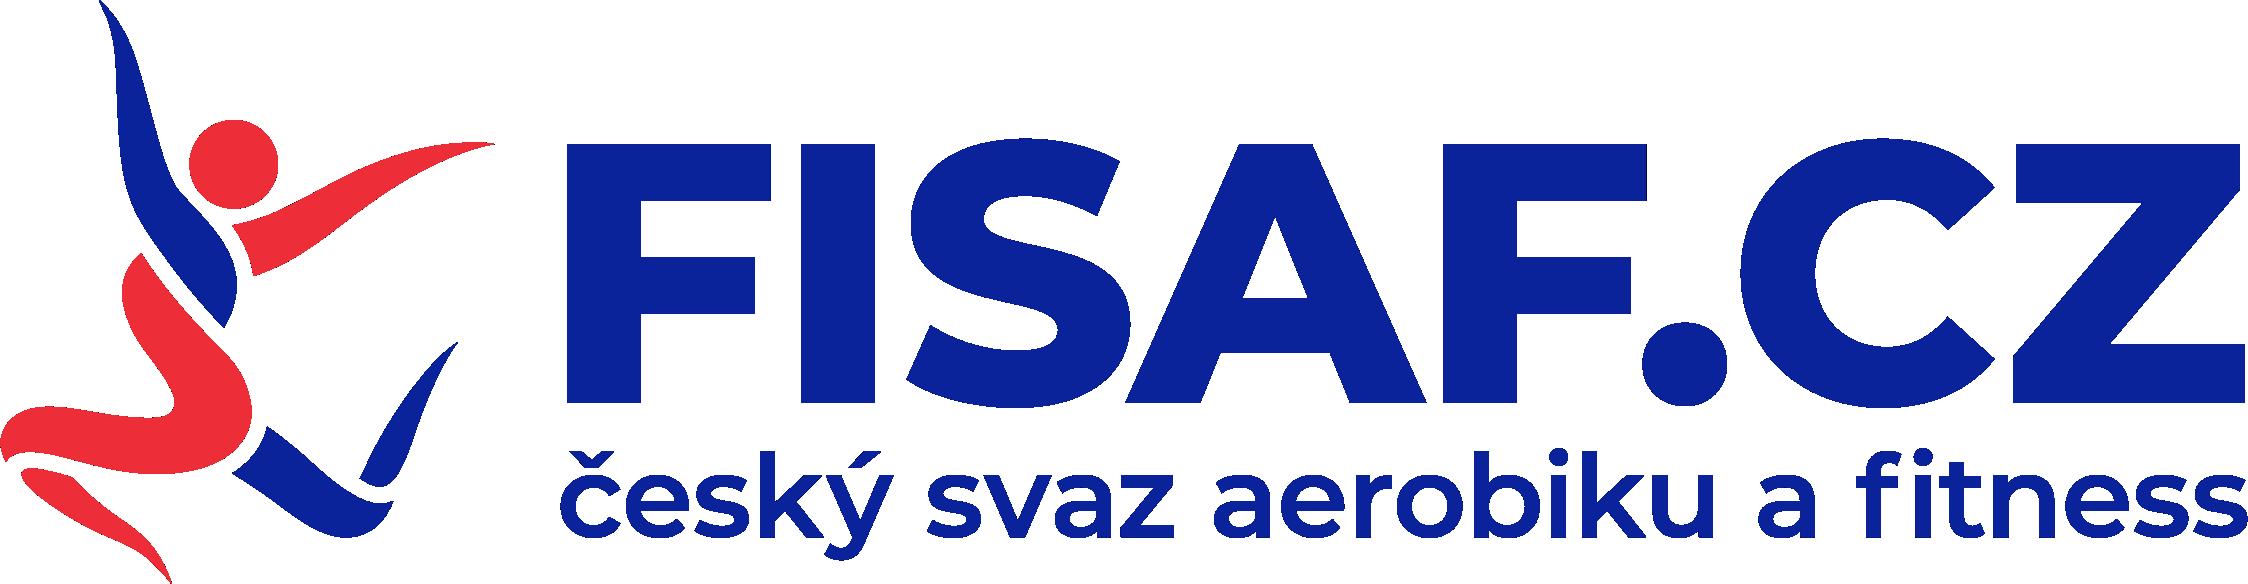 Český svaz aerobiku a fitness FISAF.cz, z.s.